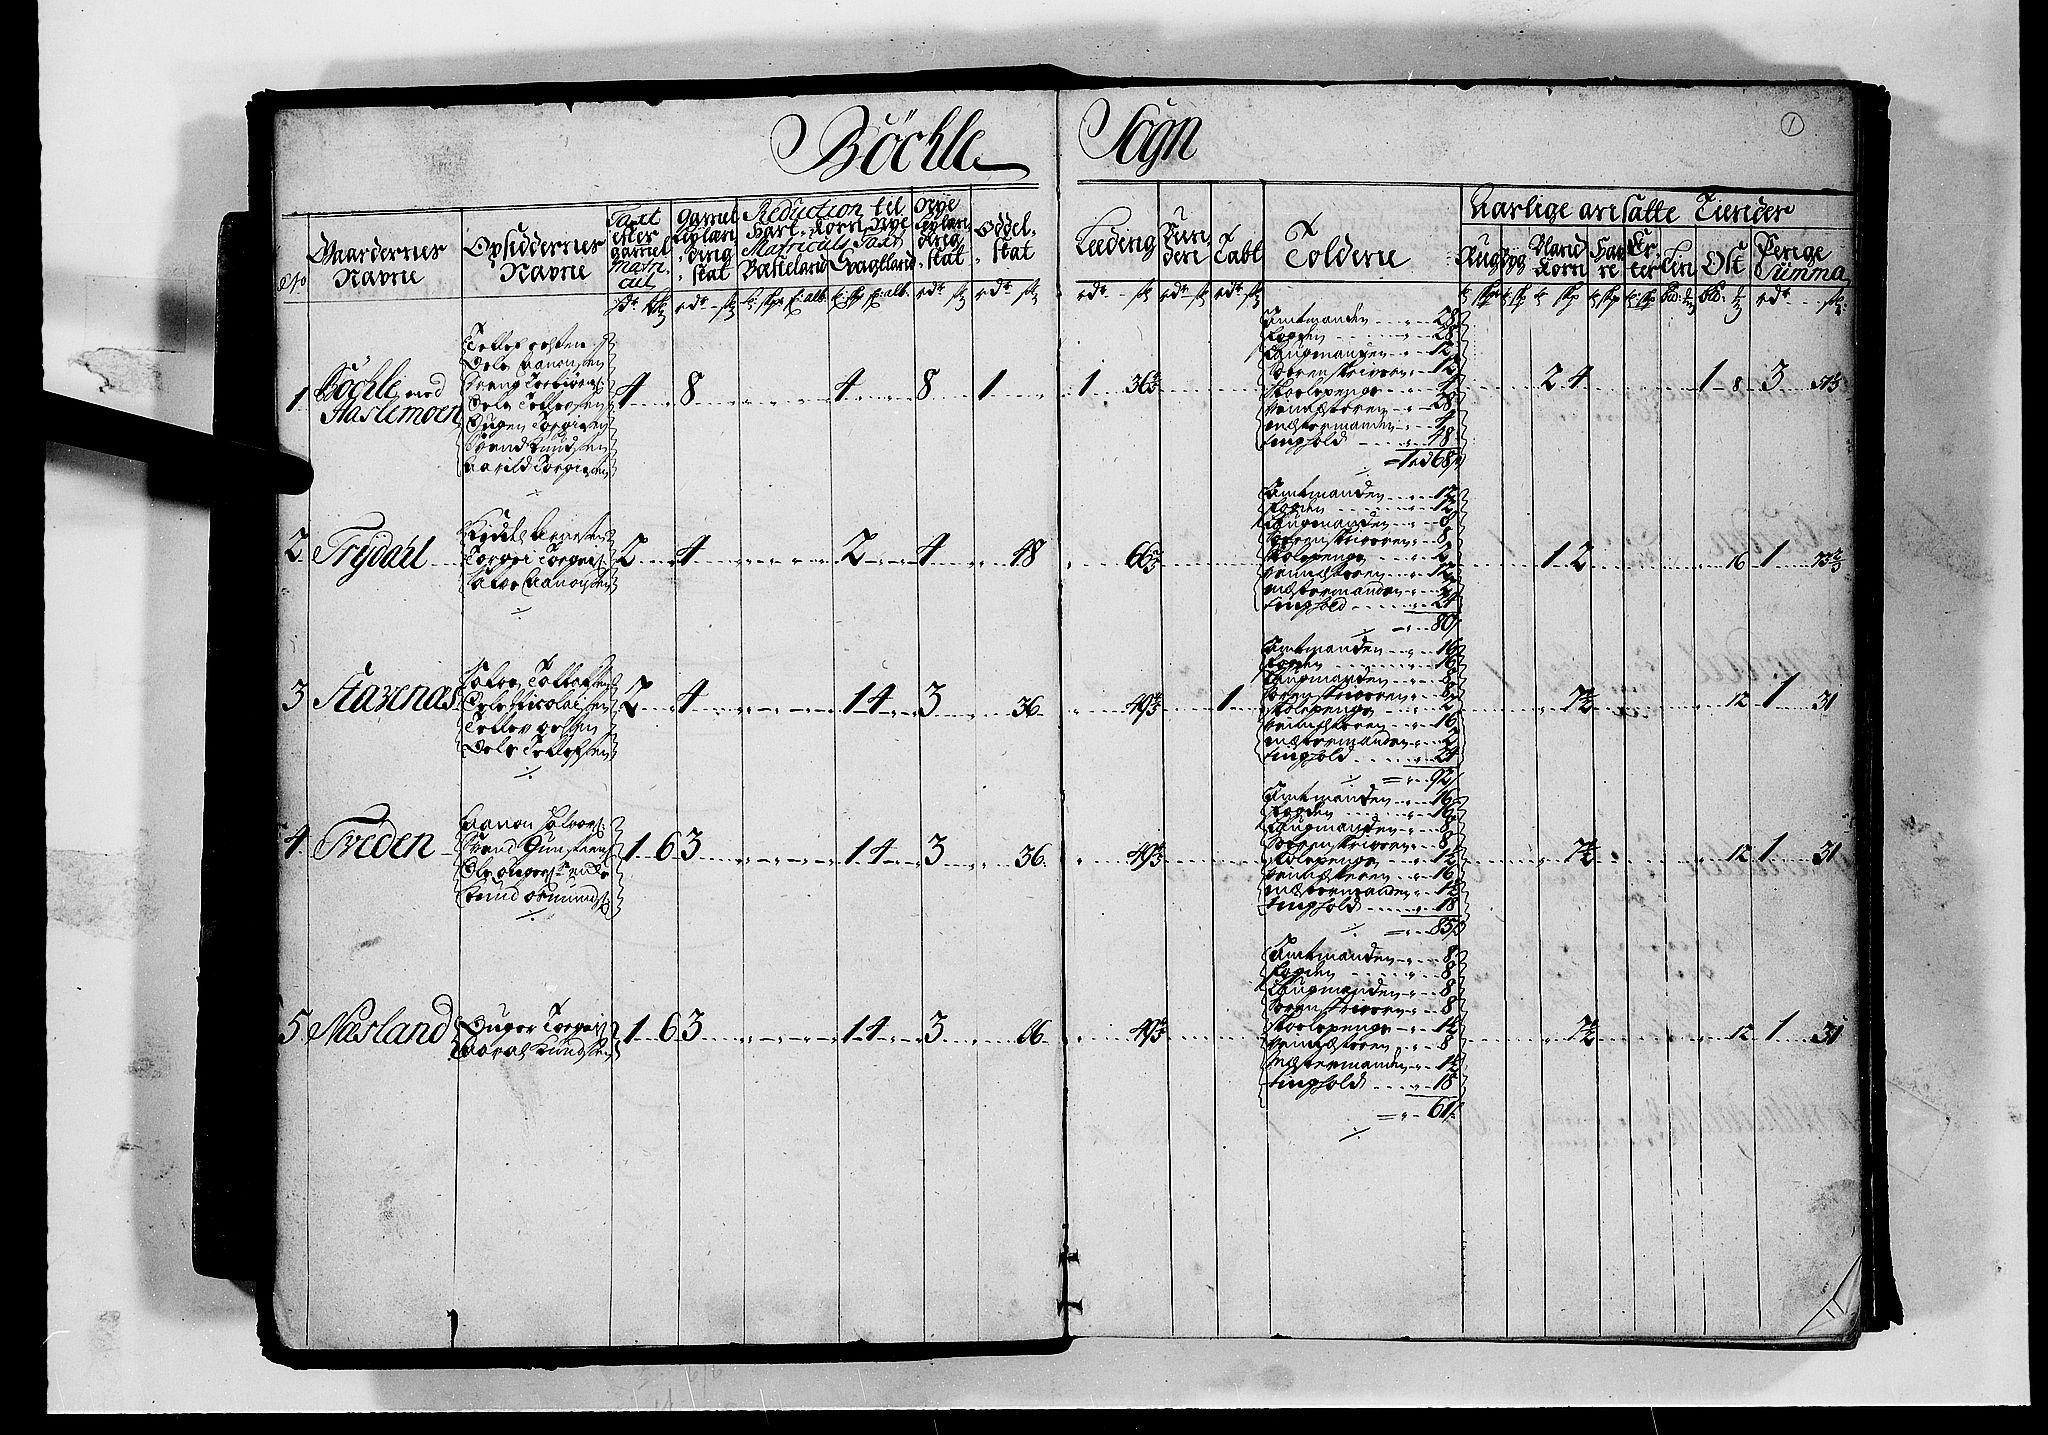 RA, Rentekammeret inntil 1814, Realistisk ordnet avdeling, N/Nb/Nbf/L0126: Råbyggelag matrikkelprotokoll, 1723, s. 1a